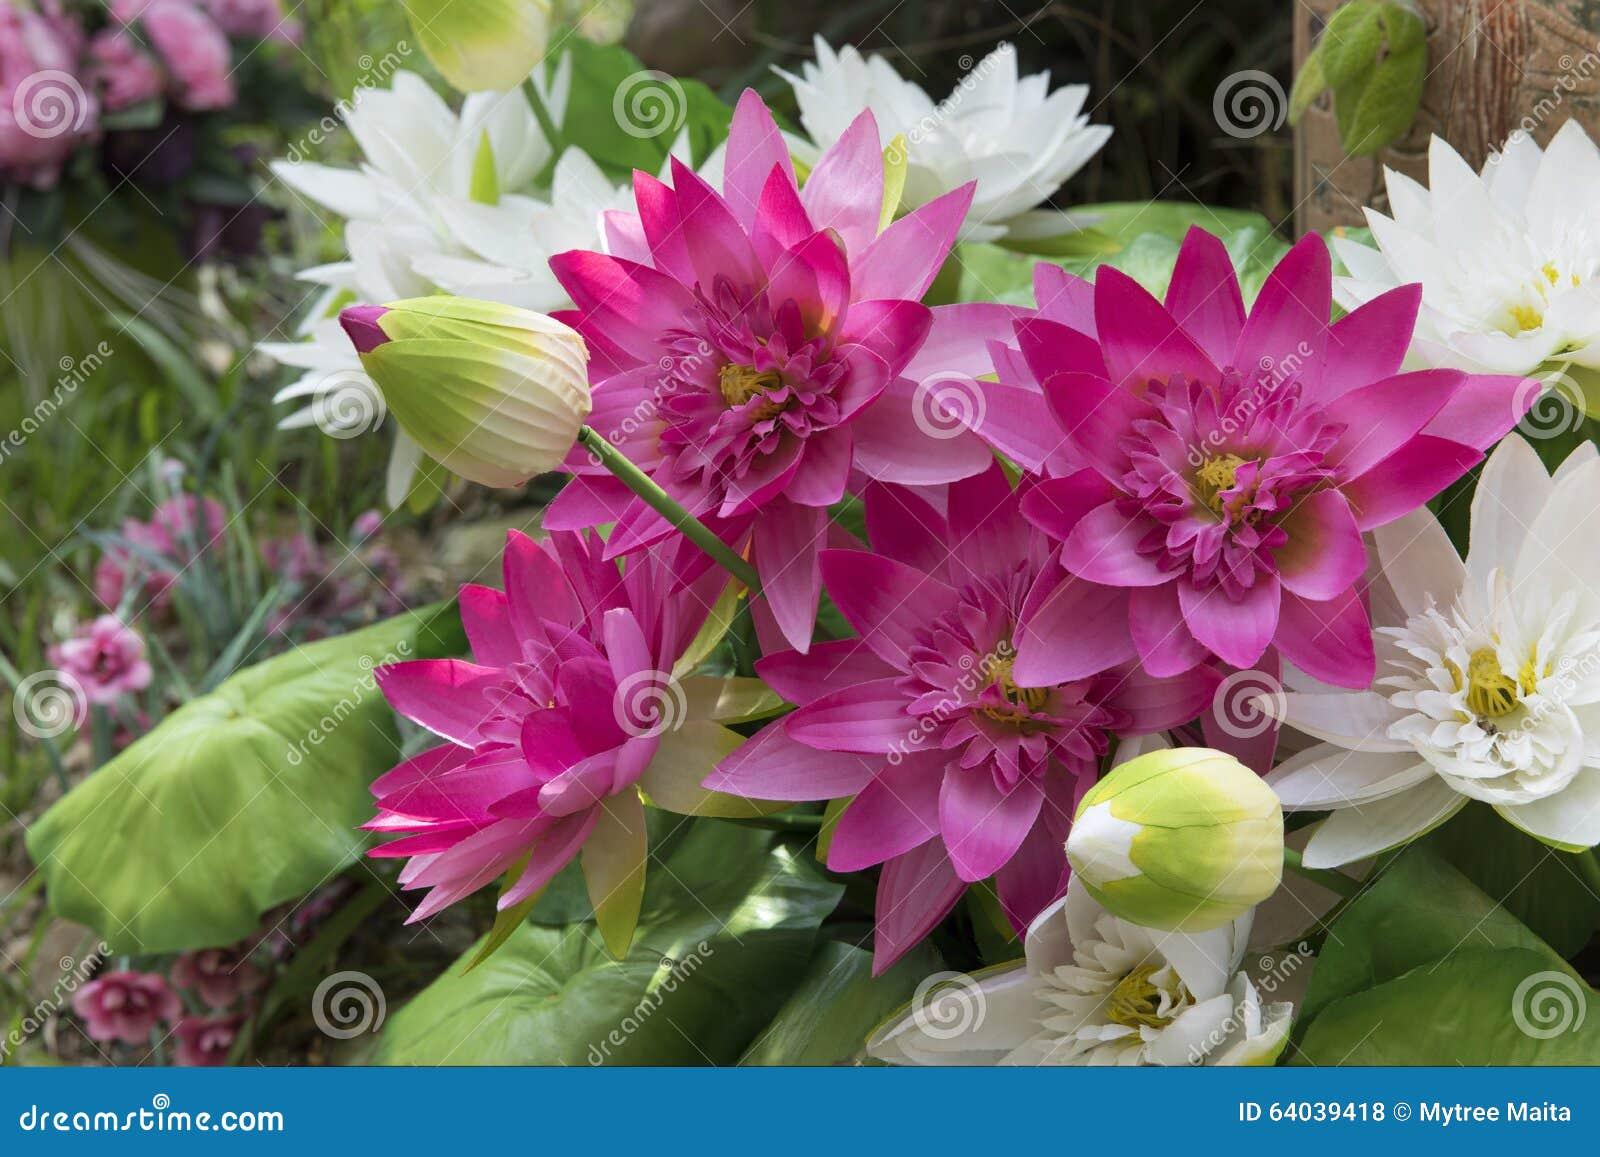 Bunch of lotus flower in the garden stock photo image of outdoor bunch of lotus flower in the garden izmirmasajfo Images